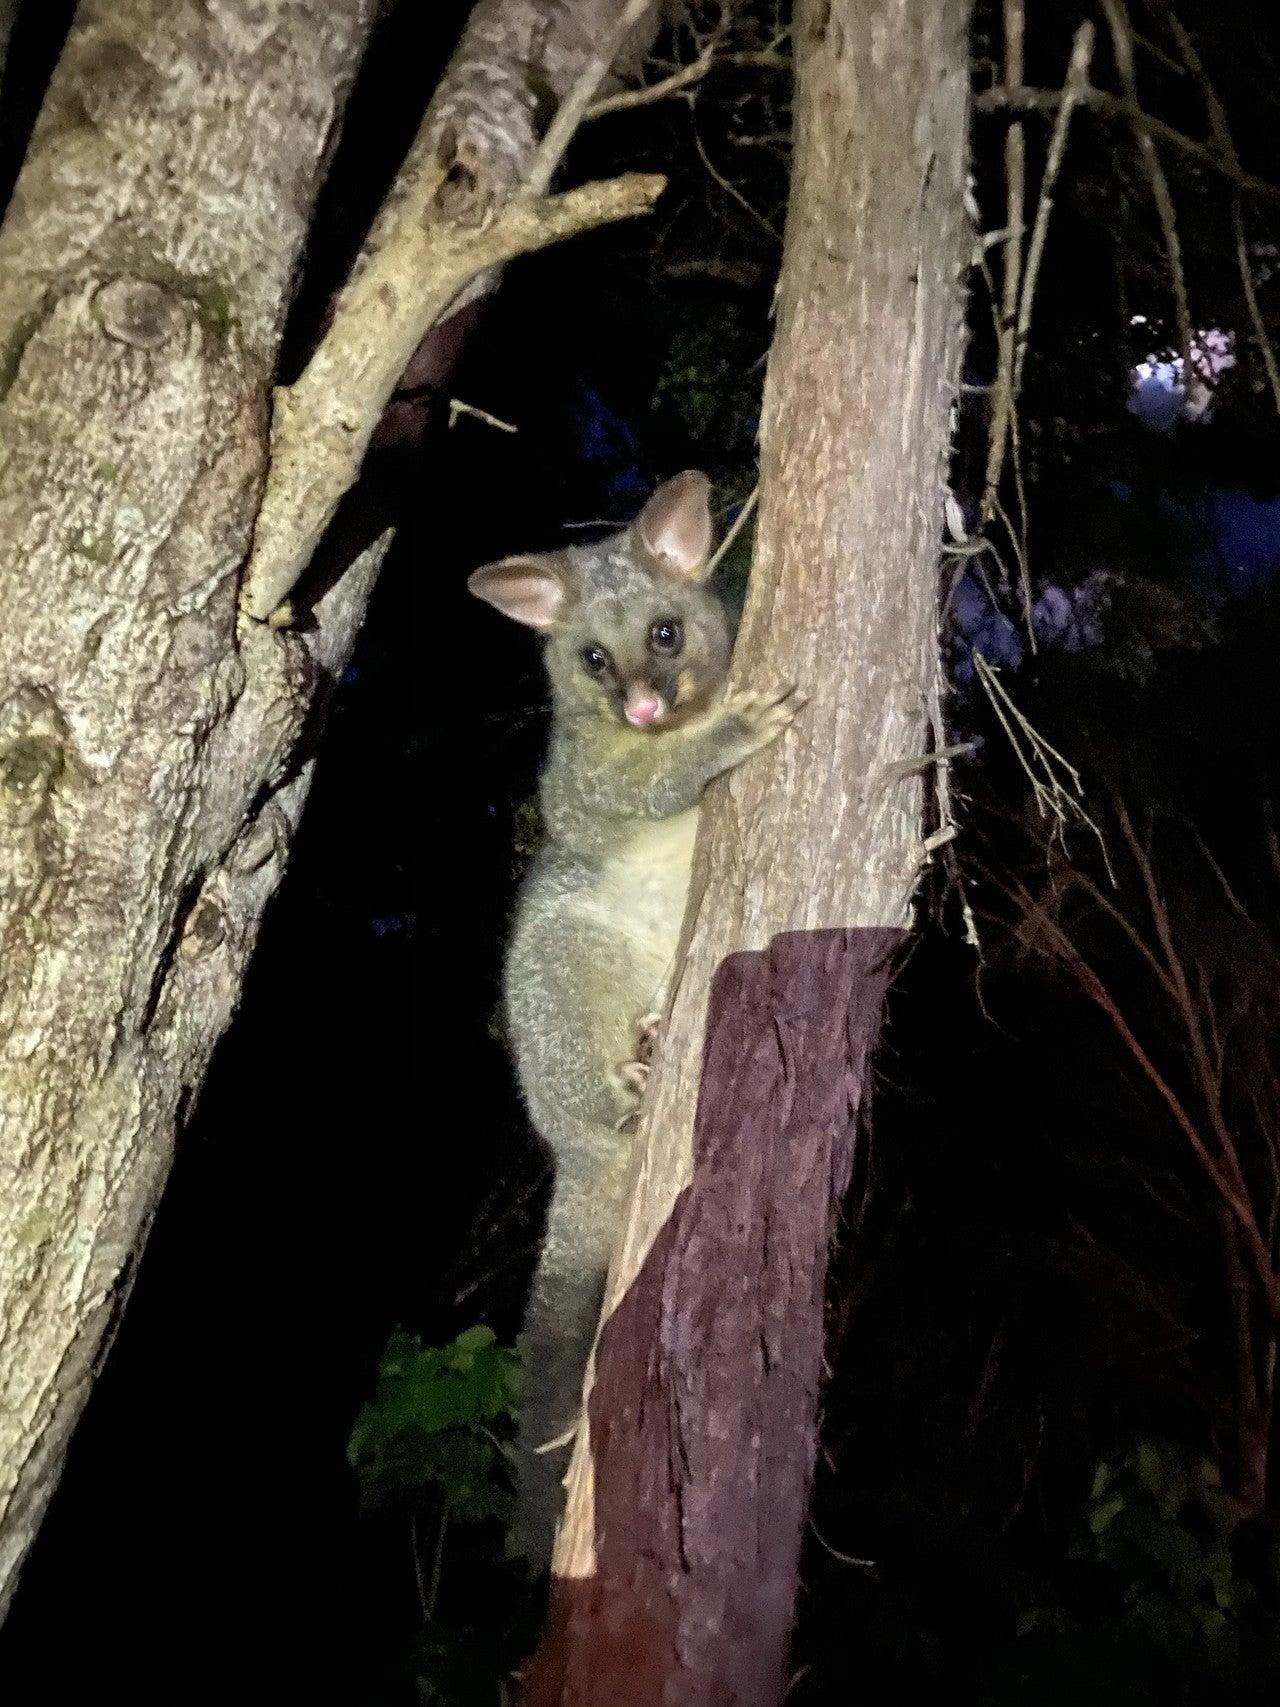 img-possum